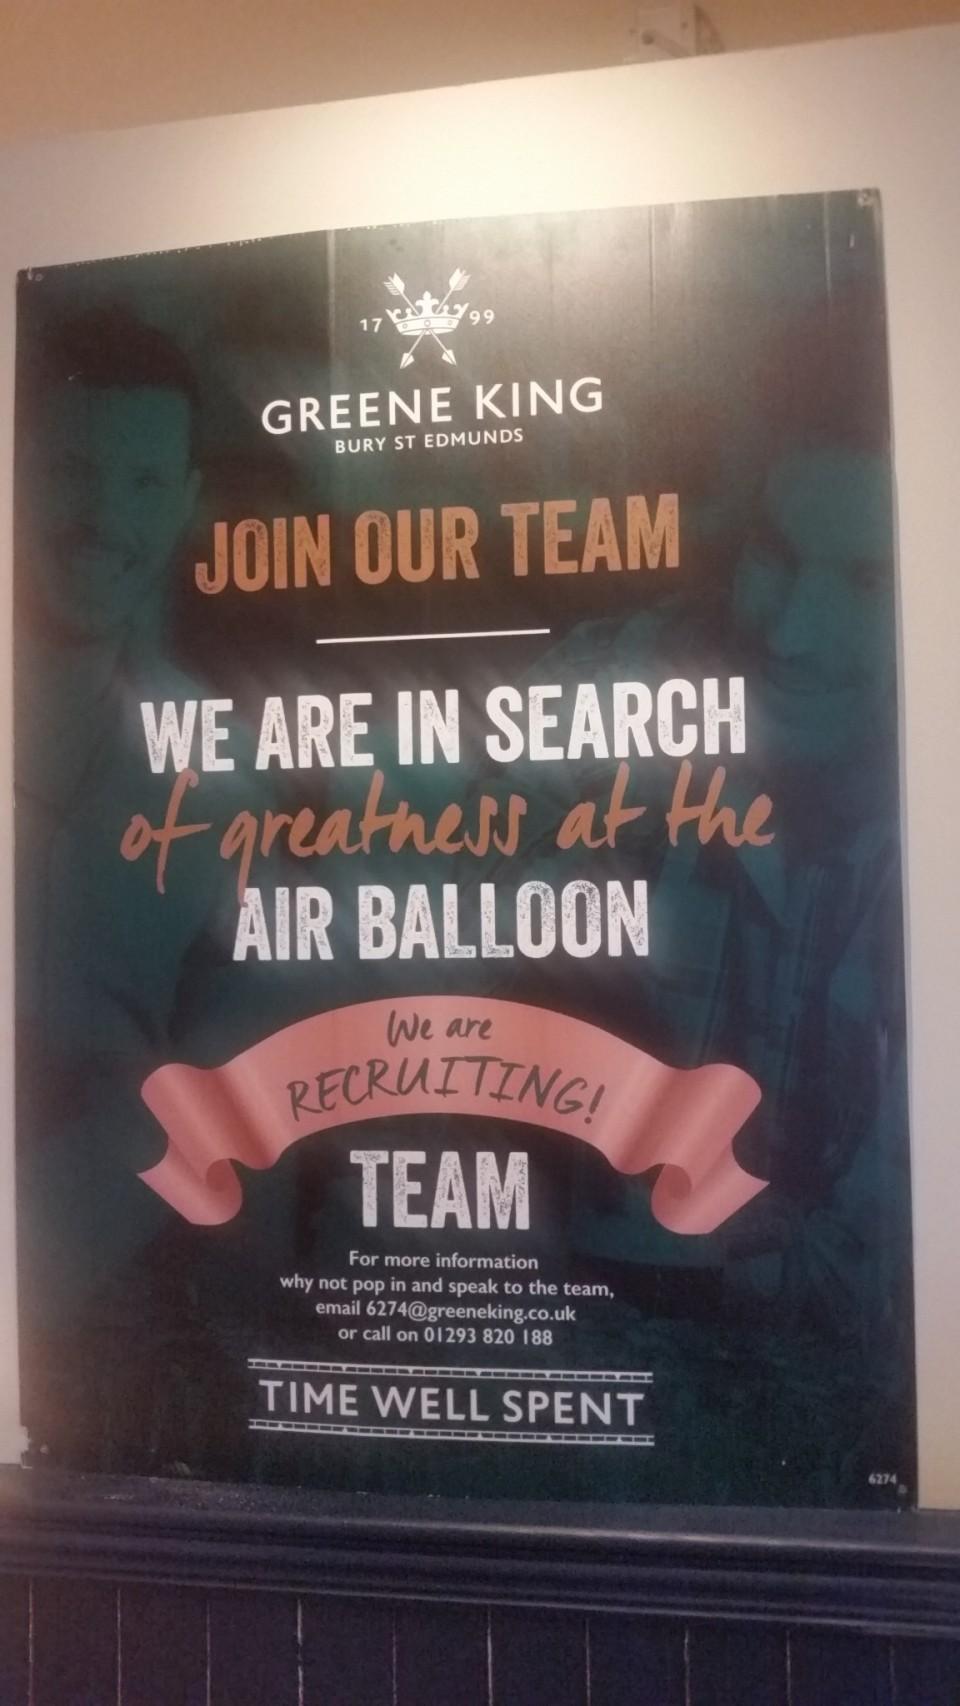 E vorba de Air Balloon din Horley Surrey UK